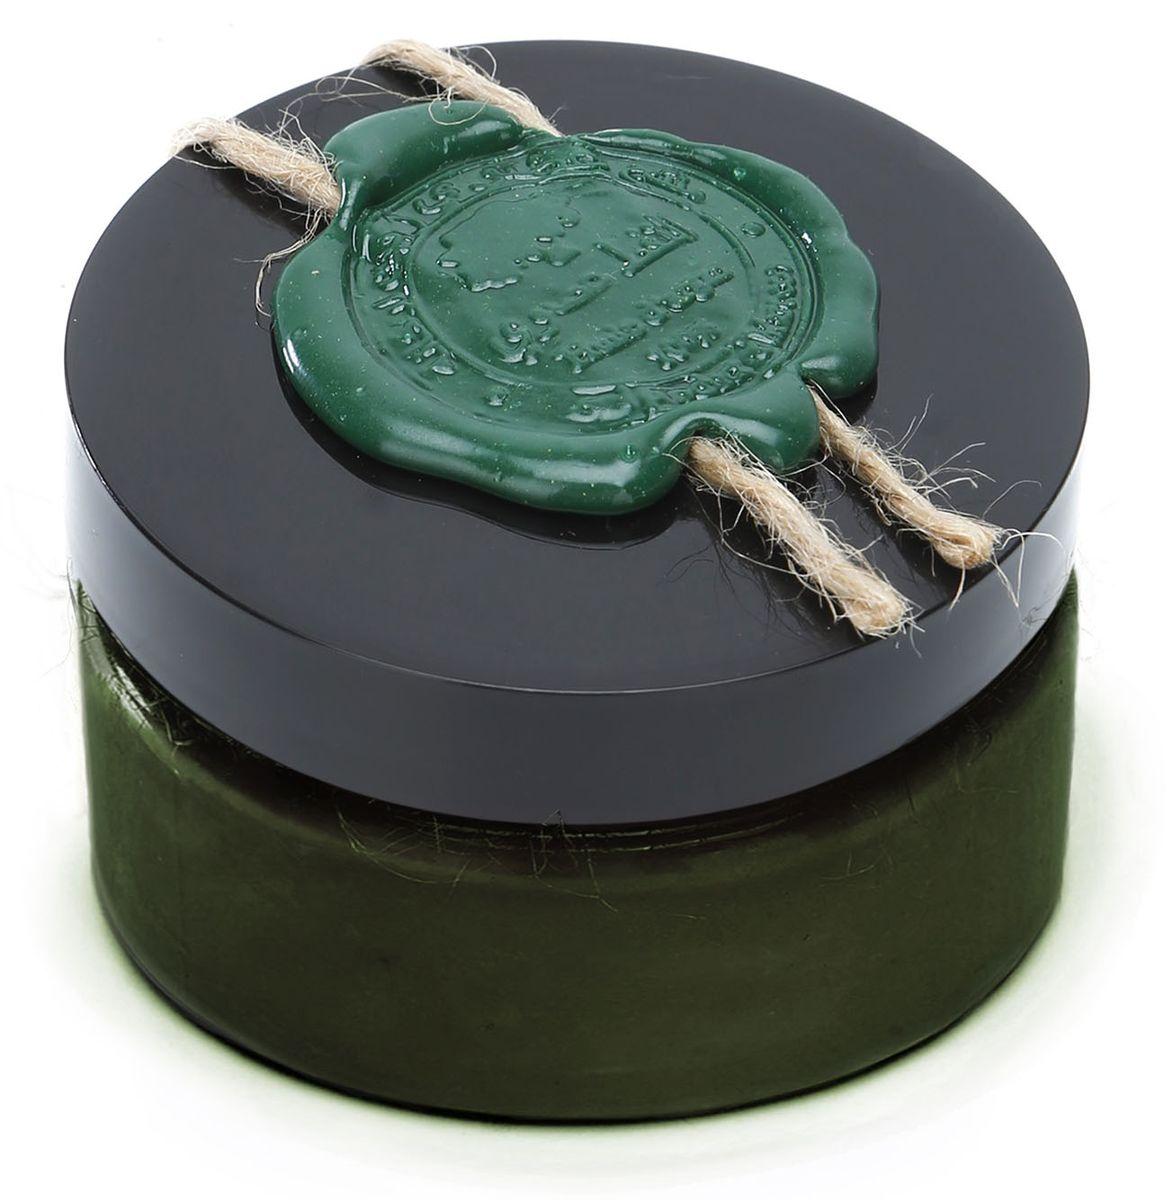 Huilargan Марокканское черное мыло Бельди с маслом эвкалипта, 50 г2990000004543Марокканское черное мыло Бельди обогащено маслом эвкалипта - это на все 100 натуральное косметическое мыло растительного происхождения. Это настоящее черное мыло - густая масса с приятным запахом, которая служит в 5 раз дольше аналогов, так как содержит меньше воды. Марокканское черное мыло - богато витамином Е, глубоко очищает кожу и поры, растворяет загрязнения и отмершие клетки; обладает увлажняющим, успокаивающим и смягчающим свойствами; подходит для всех типов кожи; не раздражает и не сушит кожу. В Марокко используют черное мыло в основном в хаммамах, но его также можно использовать в ванной.